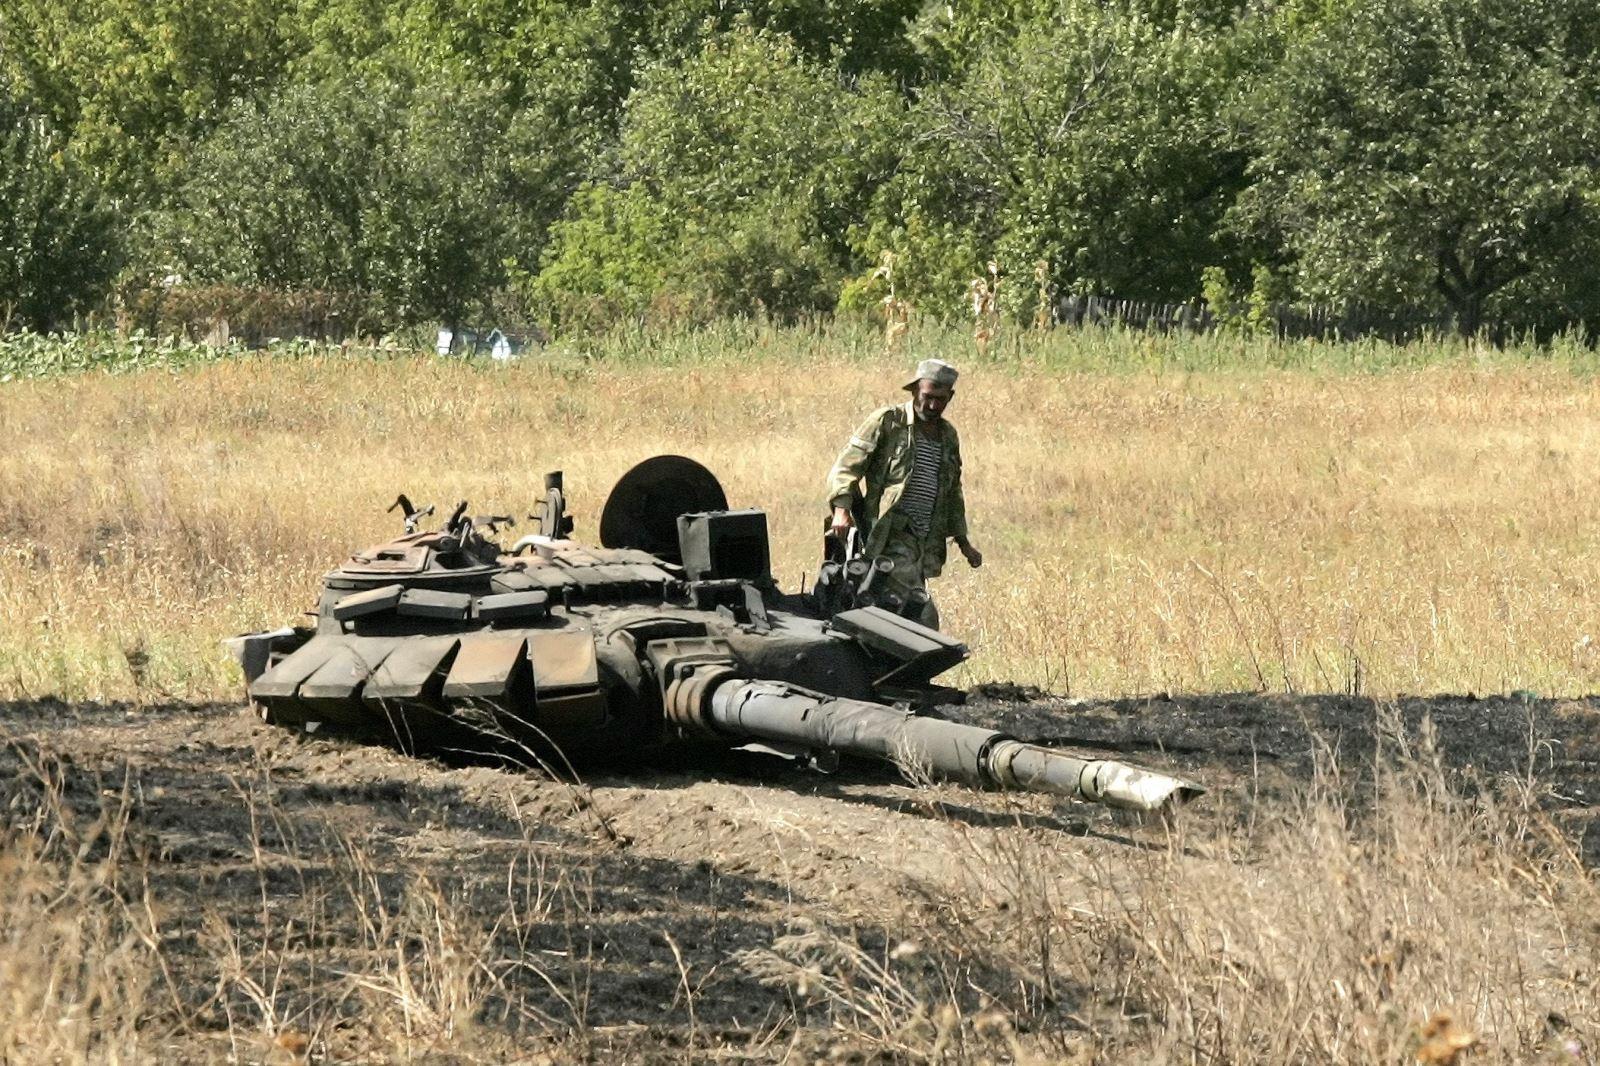 """Чотири бійці 10-ї ОГШБр """"Едельвейс"""" встановили рекорд України, перетягнувши танк Т-72 вагою 42 тонни на 3,35 метра - Цензор.НЕТ 3916"""